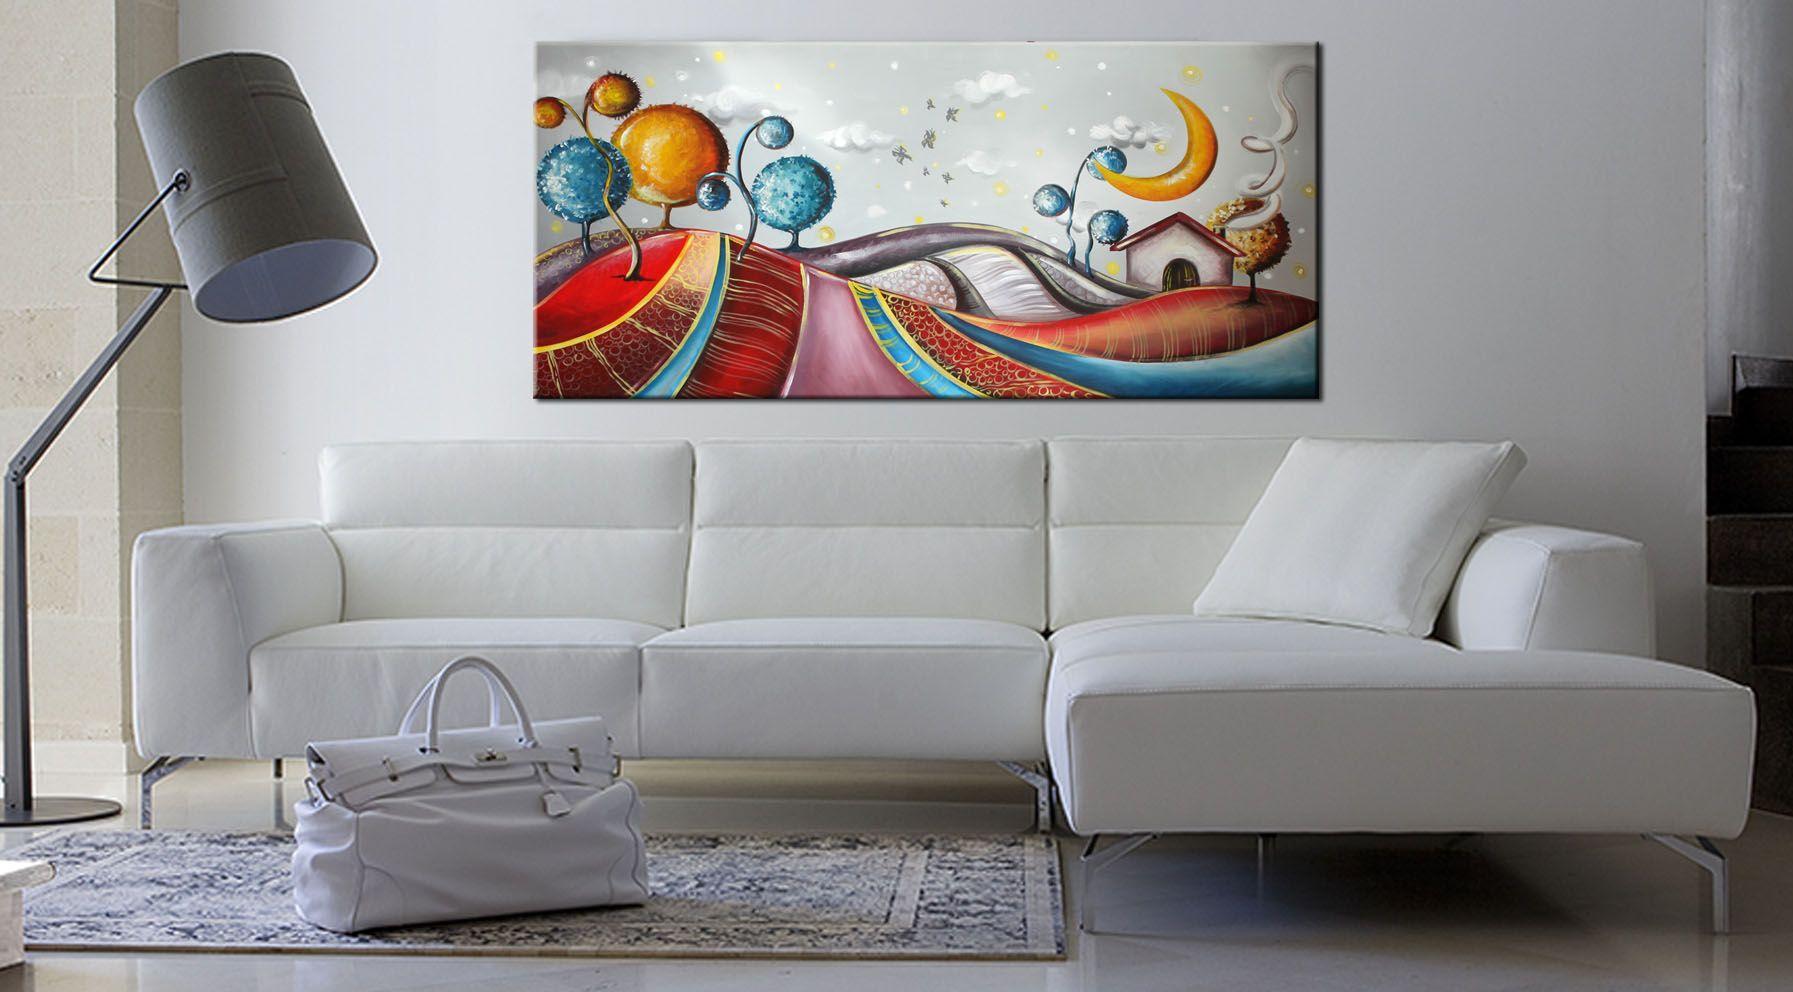 Quadri dipinti a mano su tela moderni e particolari for Quadri moderni astratti dipinti a mano